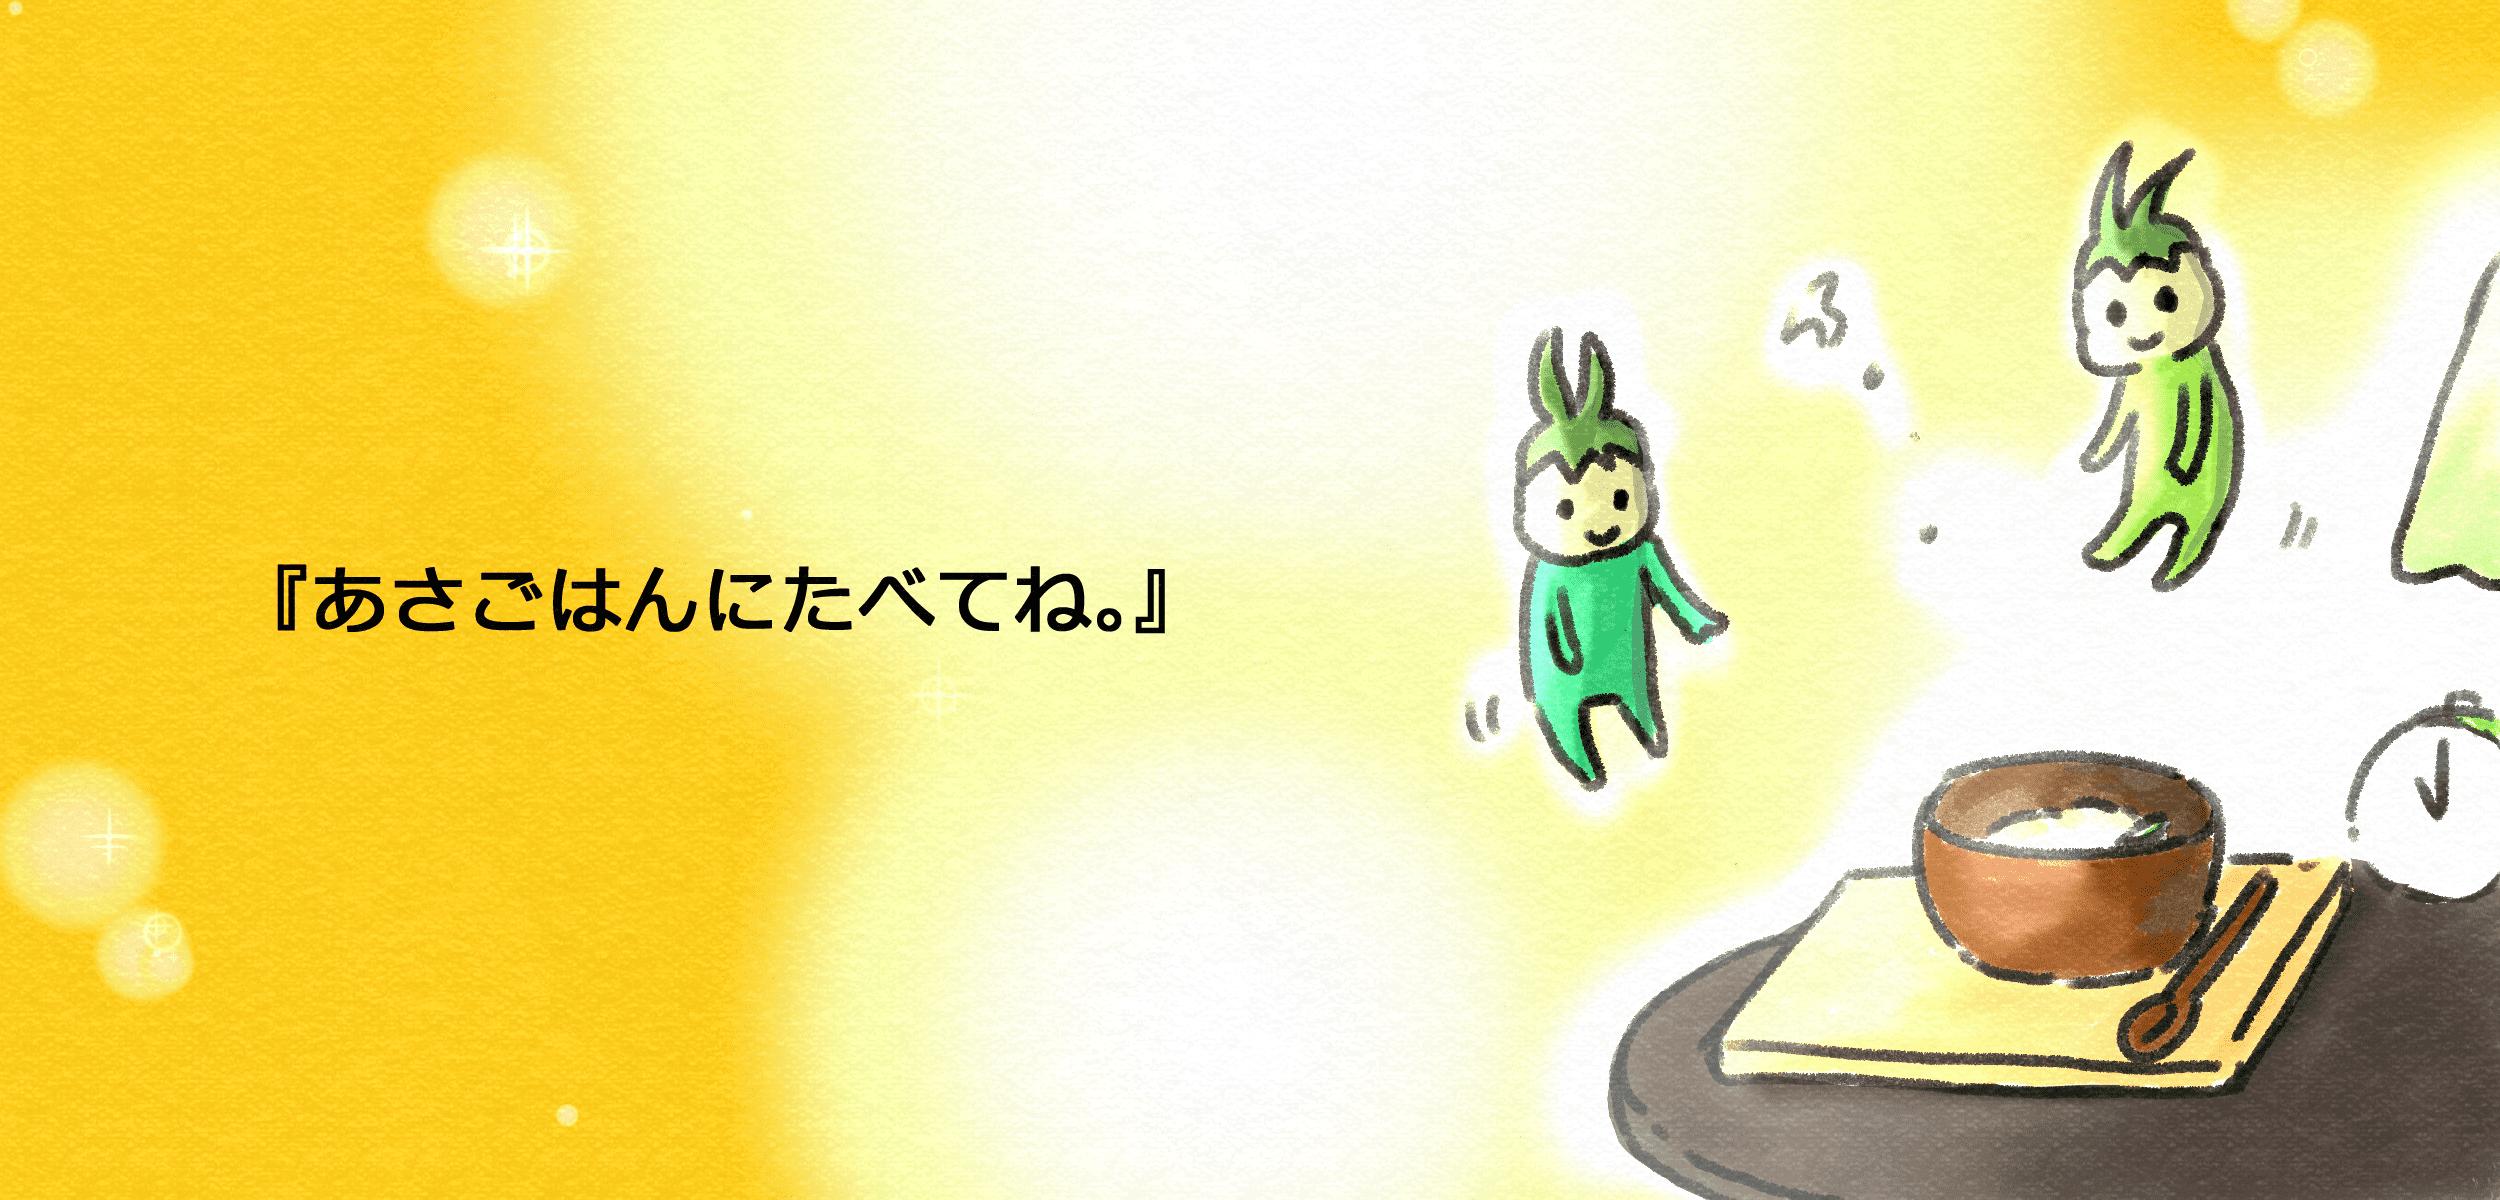 えほん_007